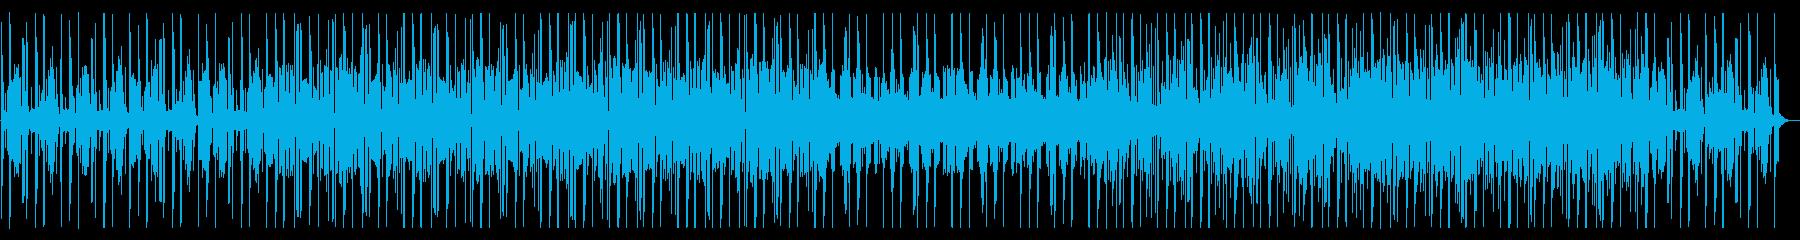 都会的な切ない雰囲気のR&B_No525の再生済みの波形